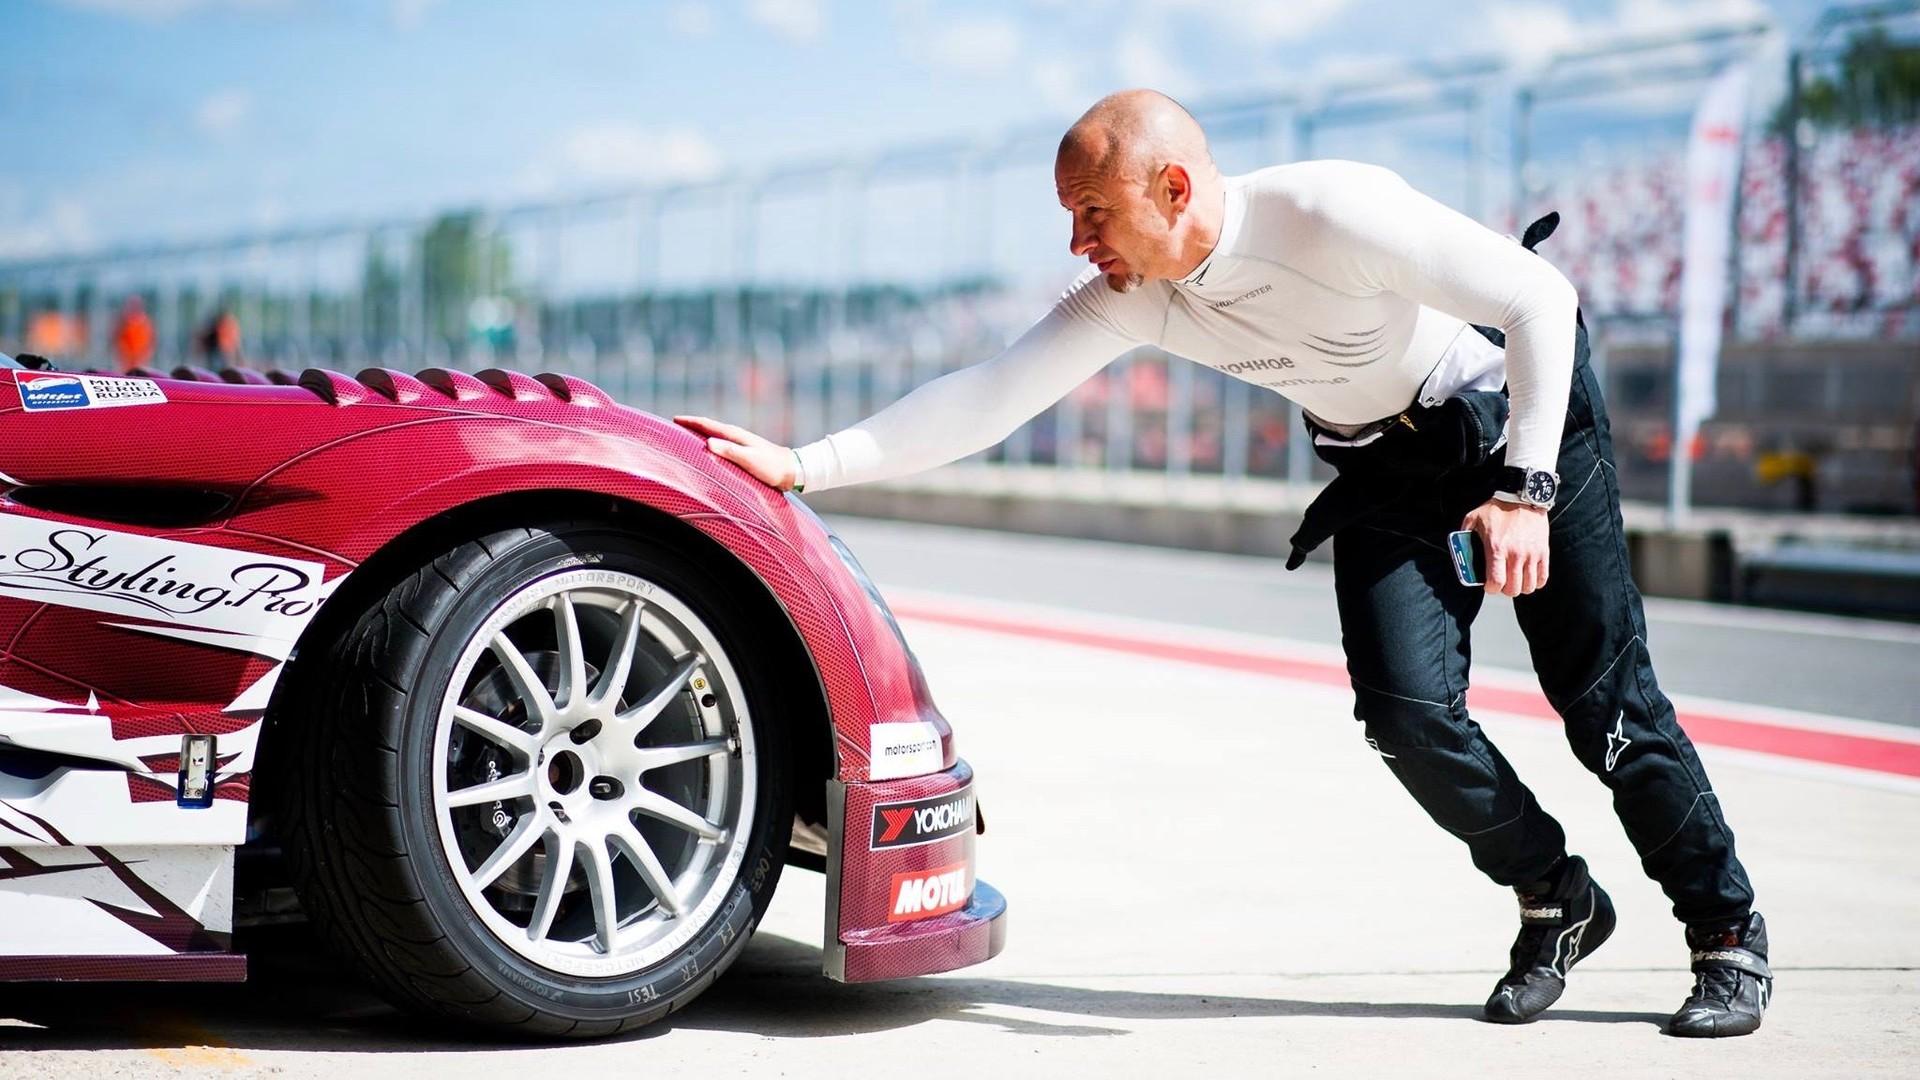 «Культуре вождения нужно учиться с детства»: российский гонщик Шульмейстер — о быстрой езде по улицам и гонках Mitjet